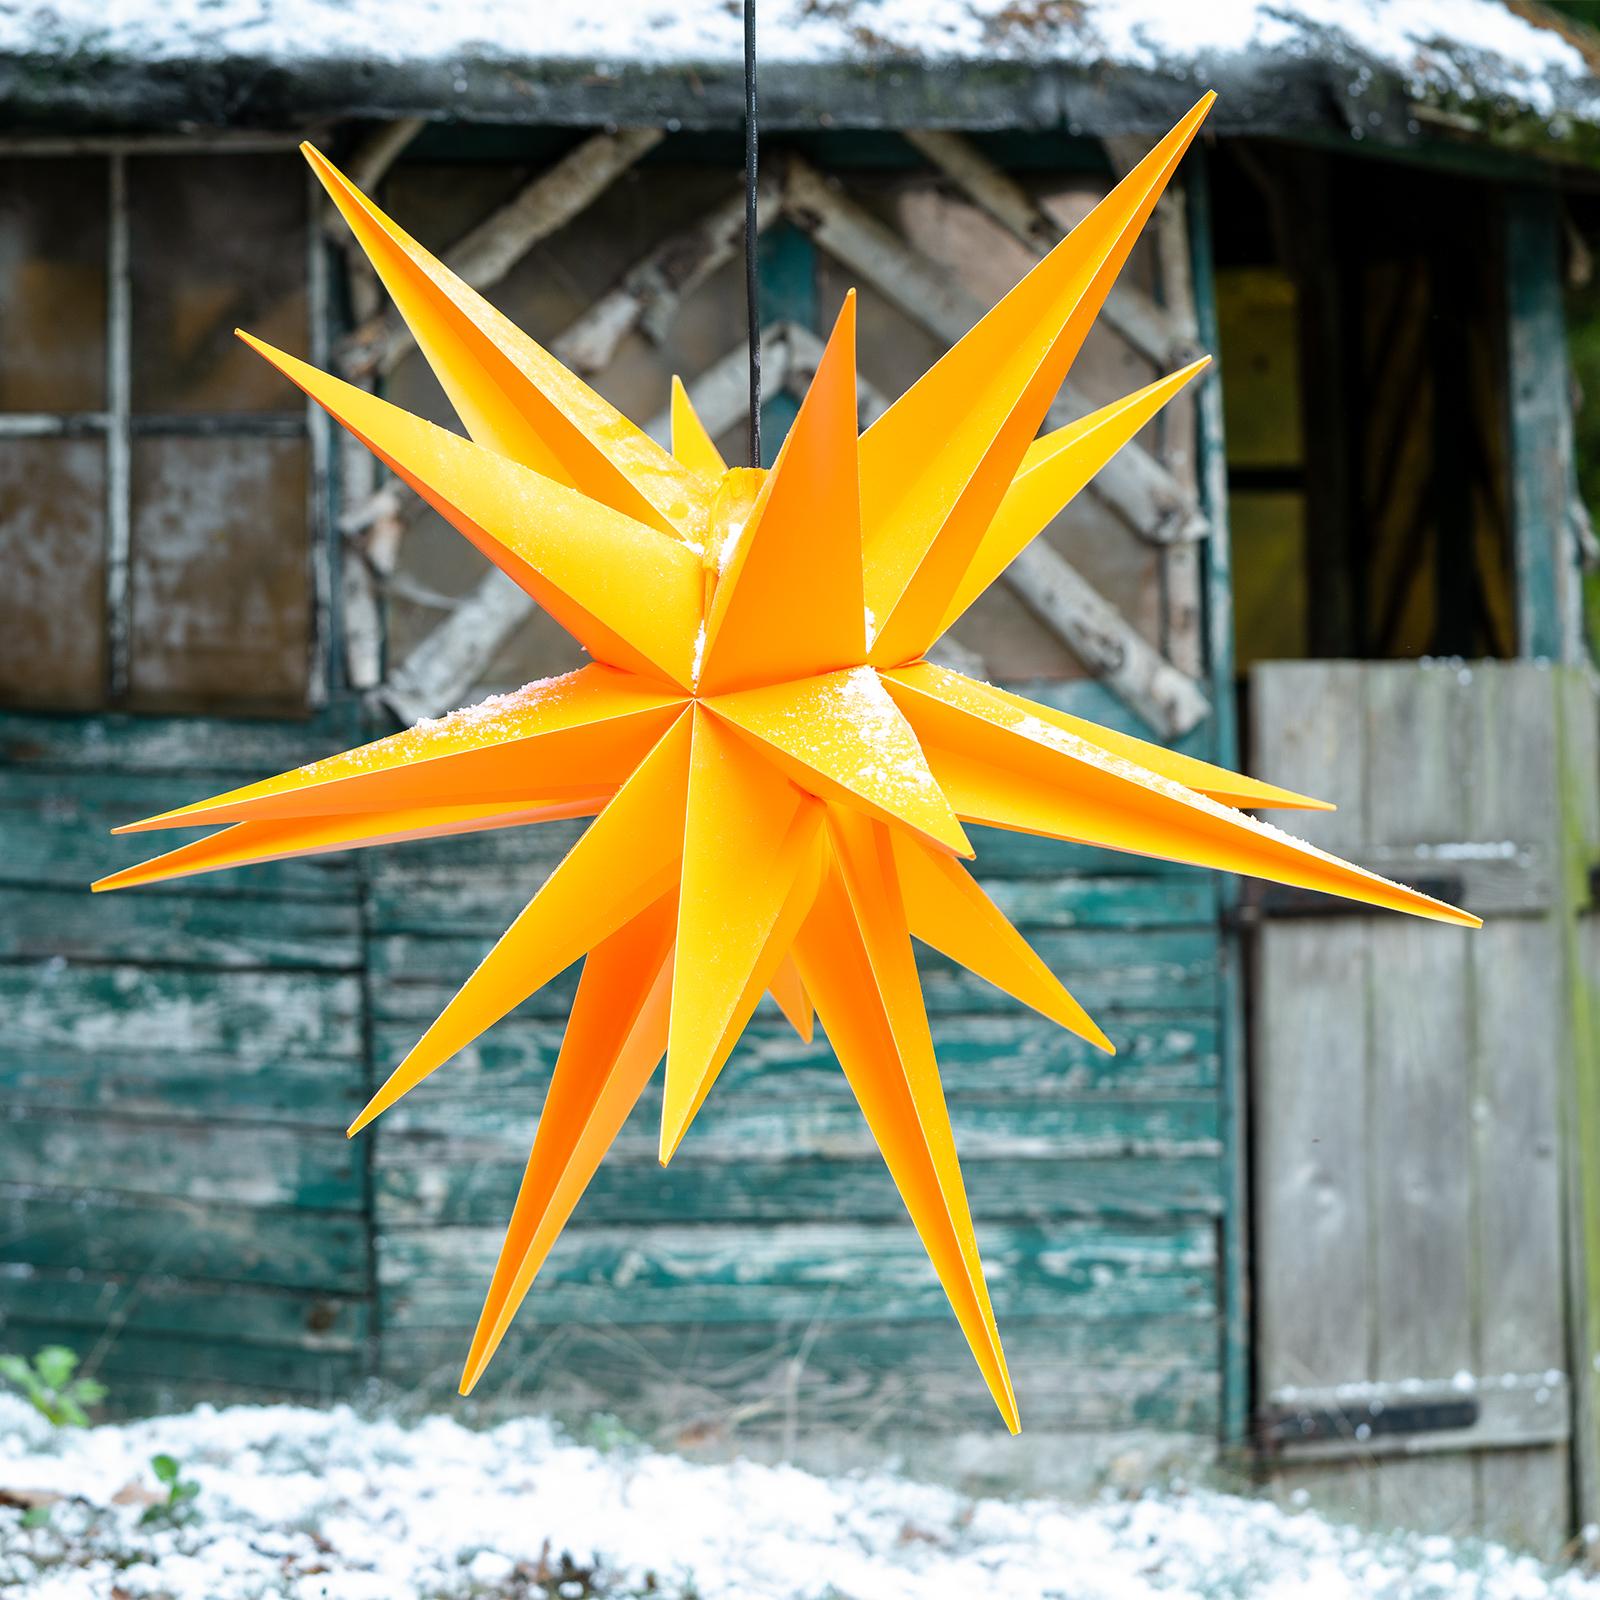 Gelber Kunststoff-Stern Jumbo Ø 1m außen 18 Zacken